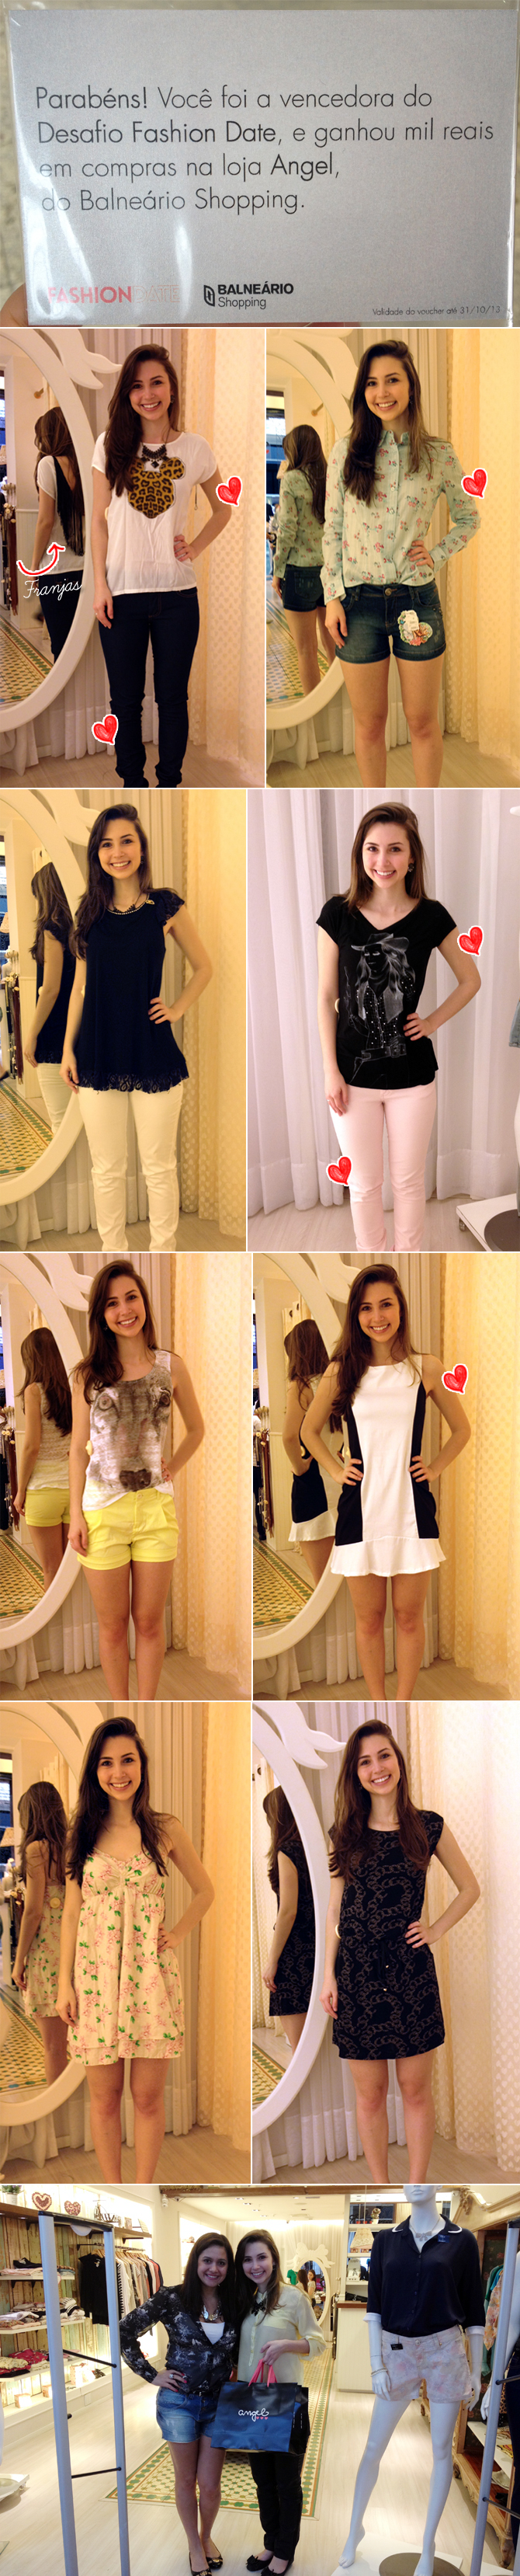 Compras Angel Balneário Shopping copy